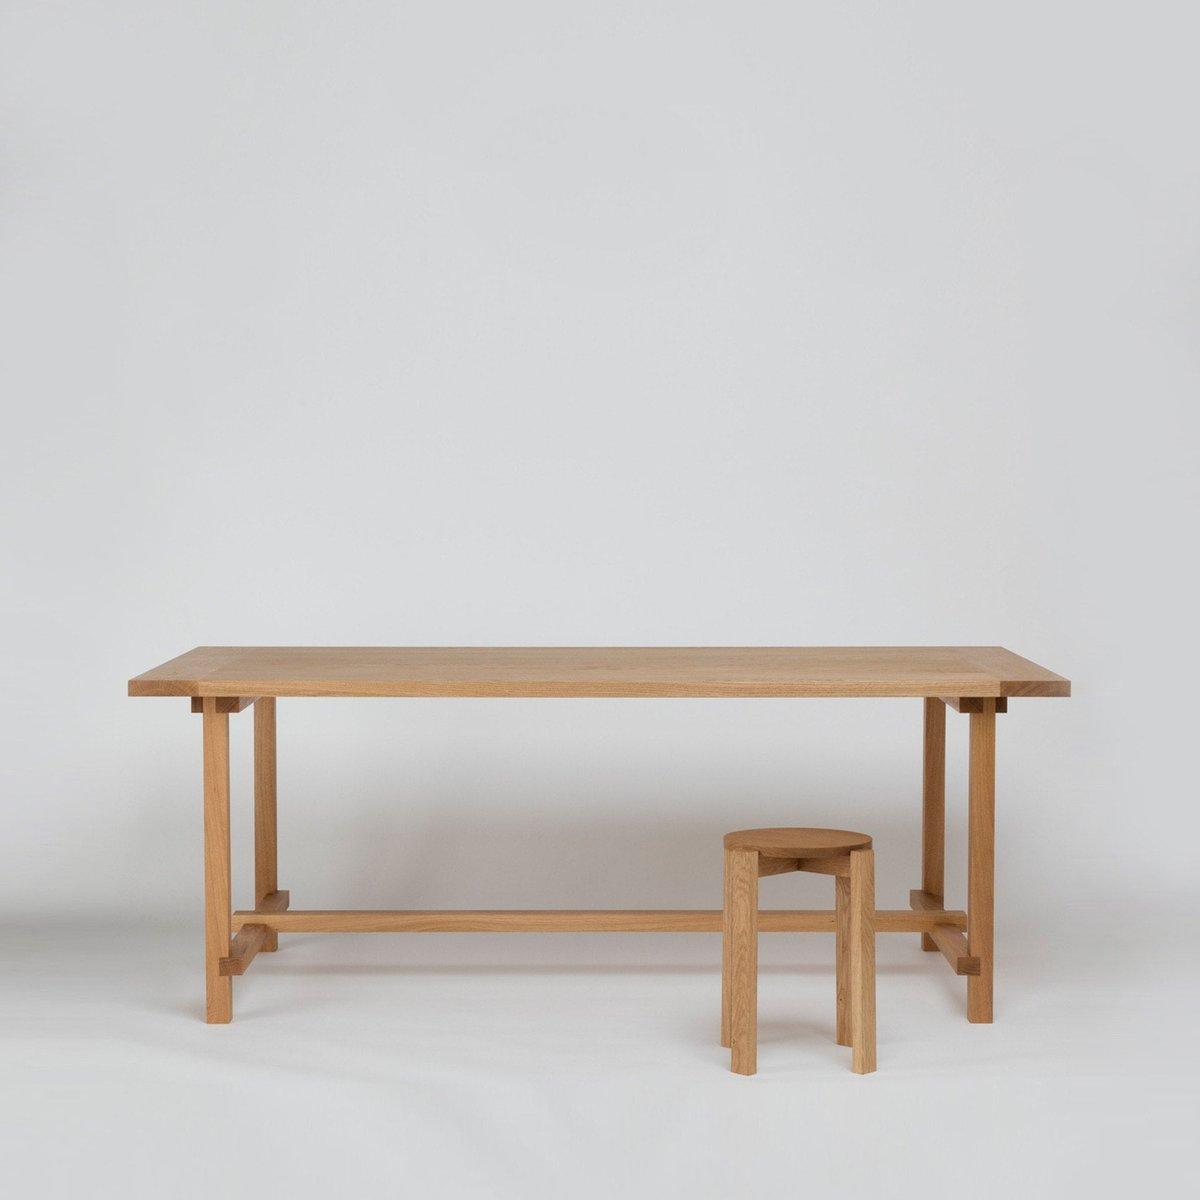 grande table de salle manger four en ch ne naturel par another country en vente sur pamono. Black Bedroom Furniture Sets. Home Design Ideas